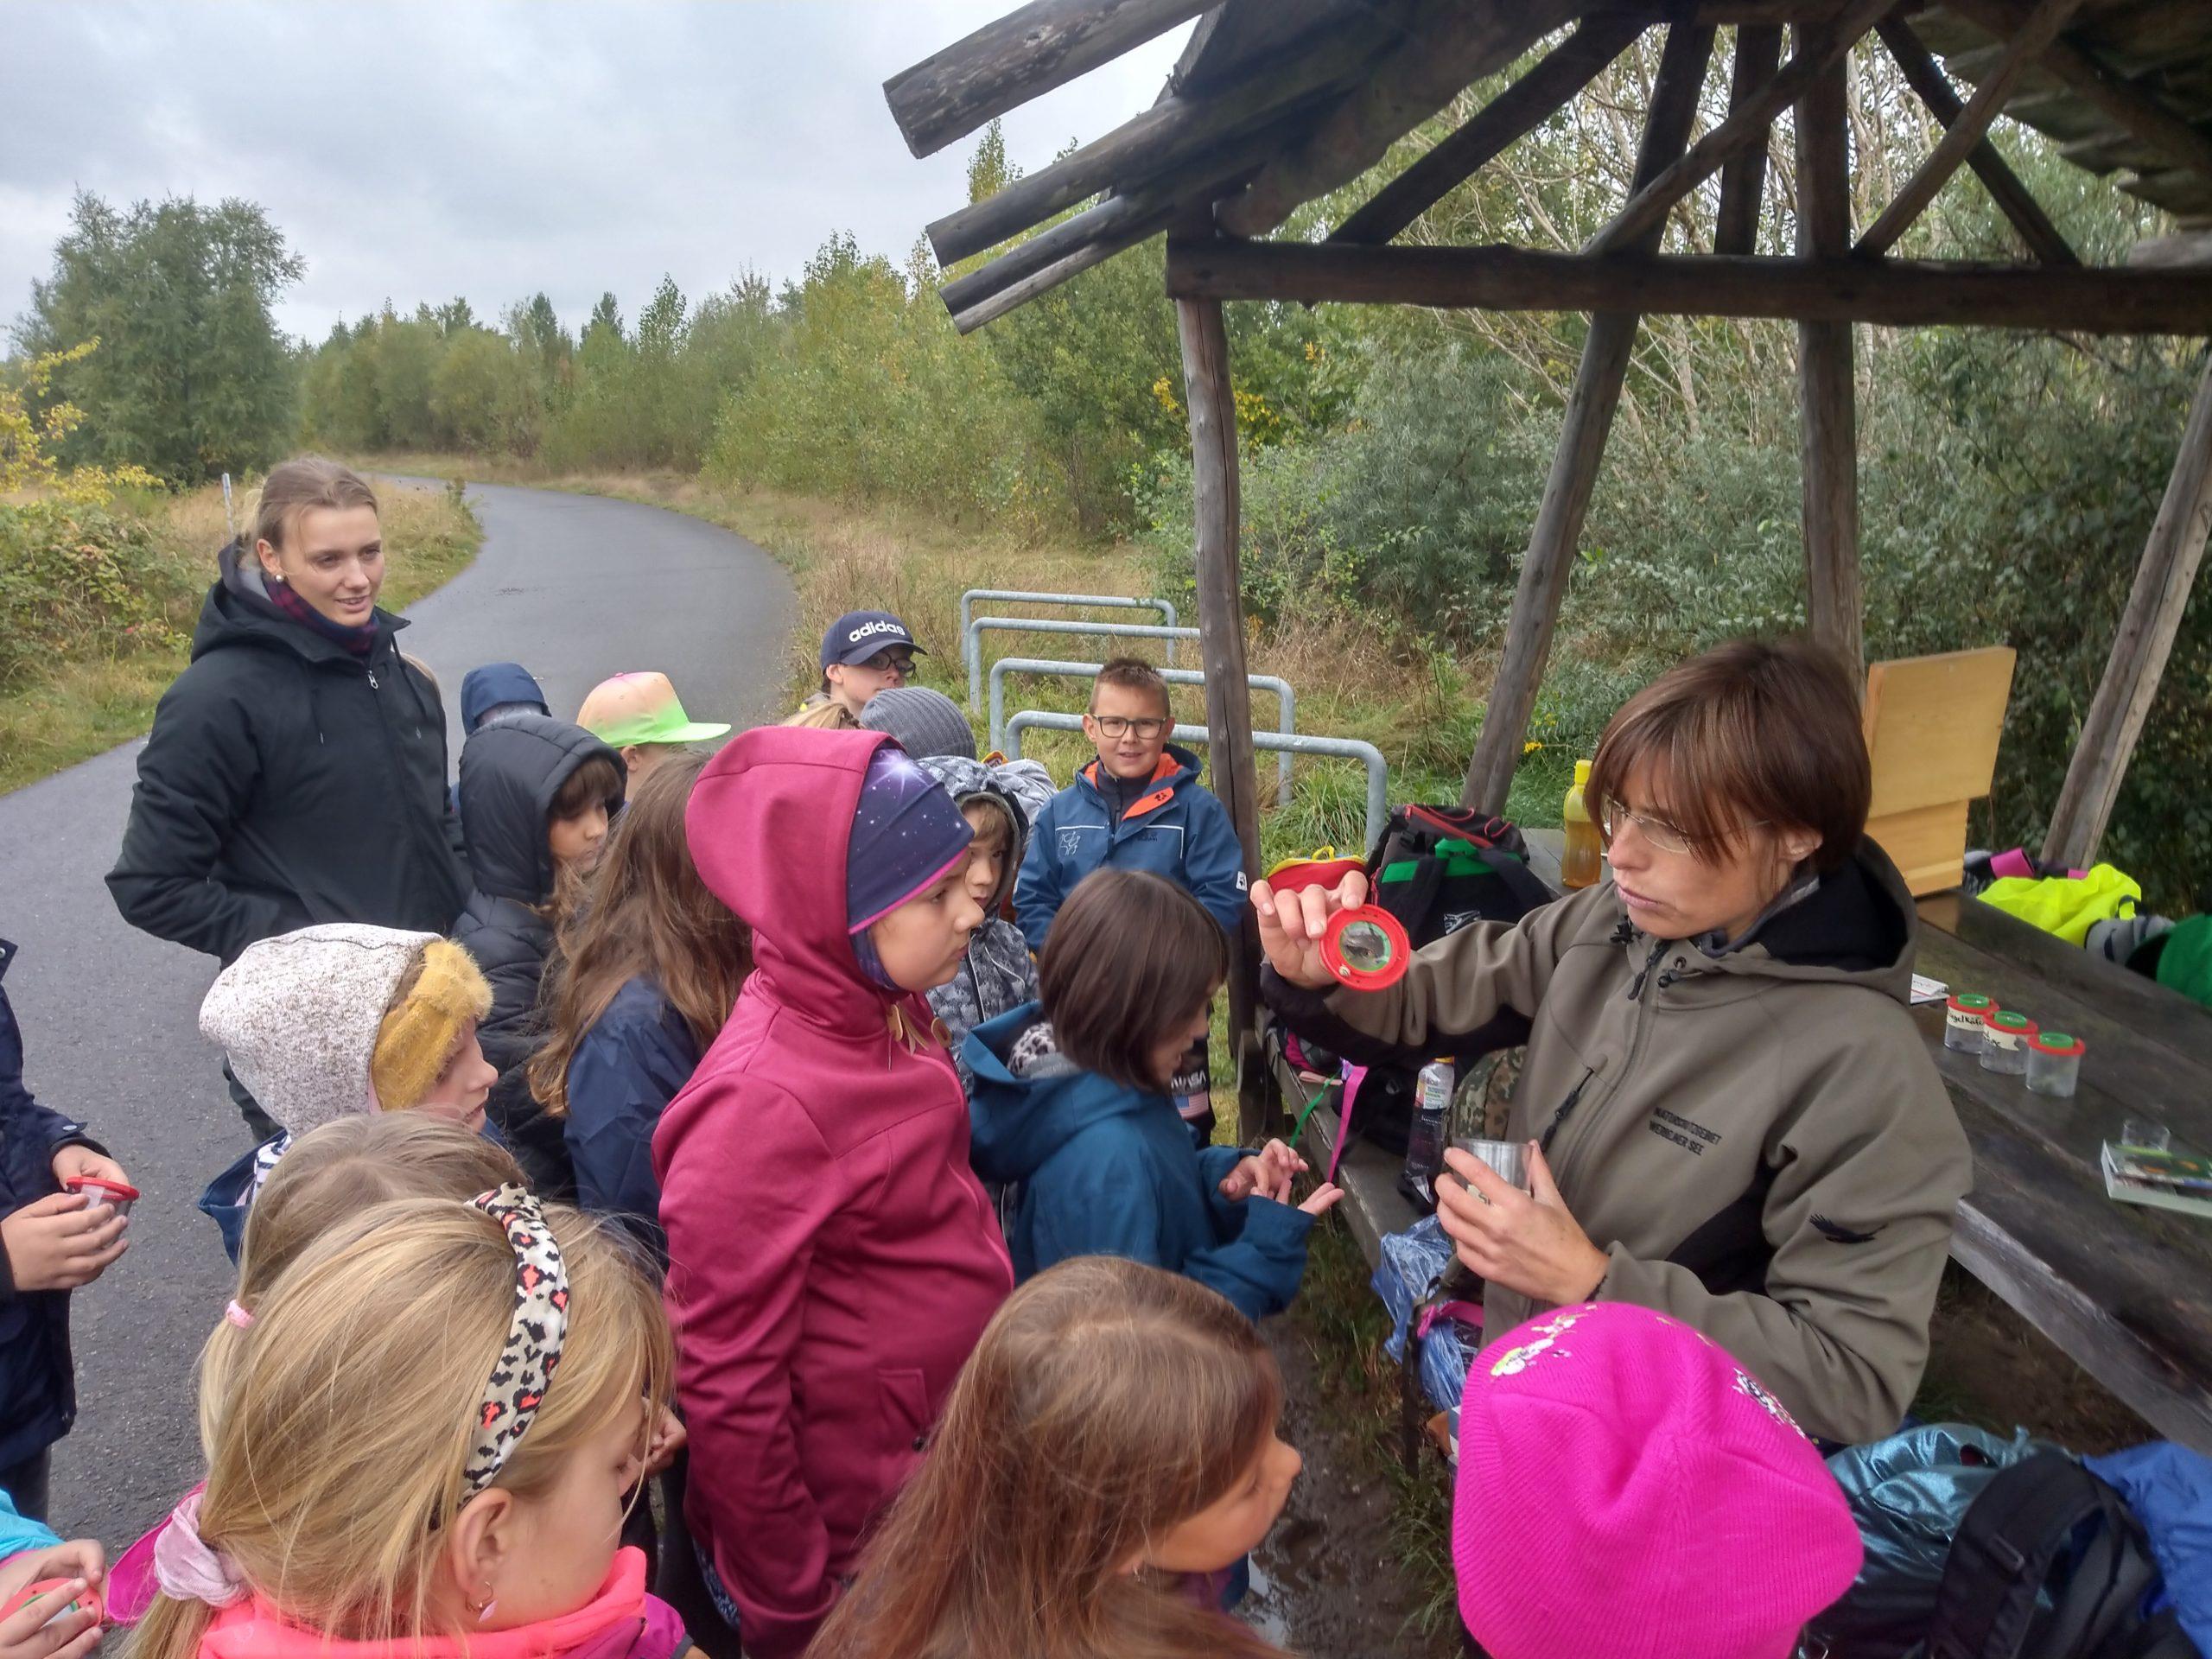 Exkursion in der Wiese – Die gefundenen Insekten werden vorgestellt